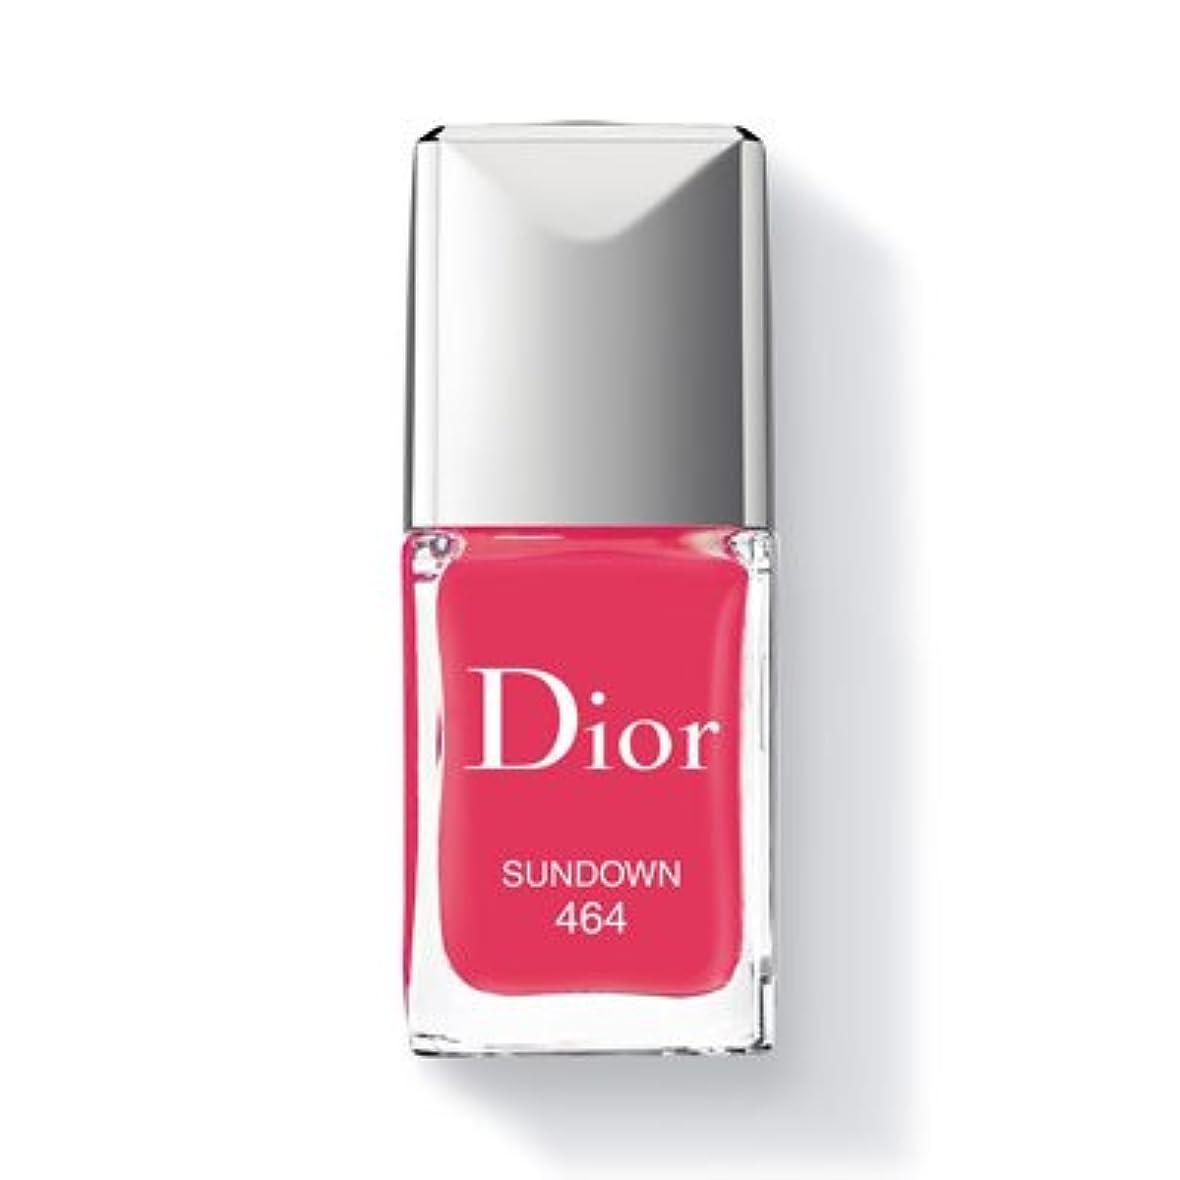 違反するアプトブロッサムChristian Dior クリスチャン ディオール ディオール ヴェルニ #464 SUNDOWN 10ml [並行輸入品]